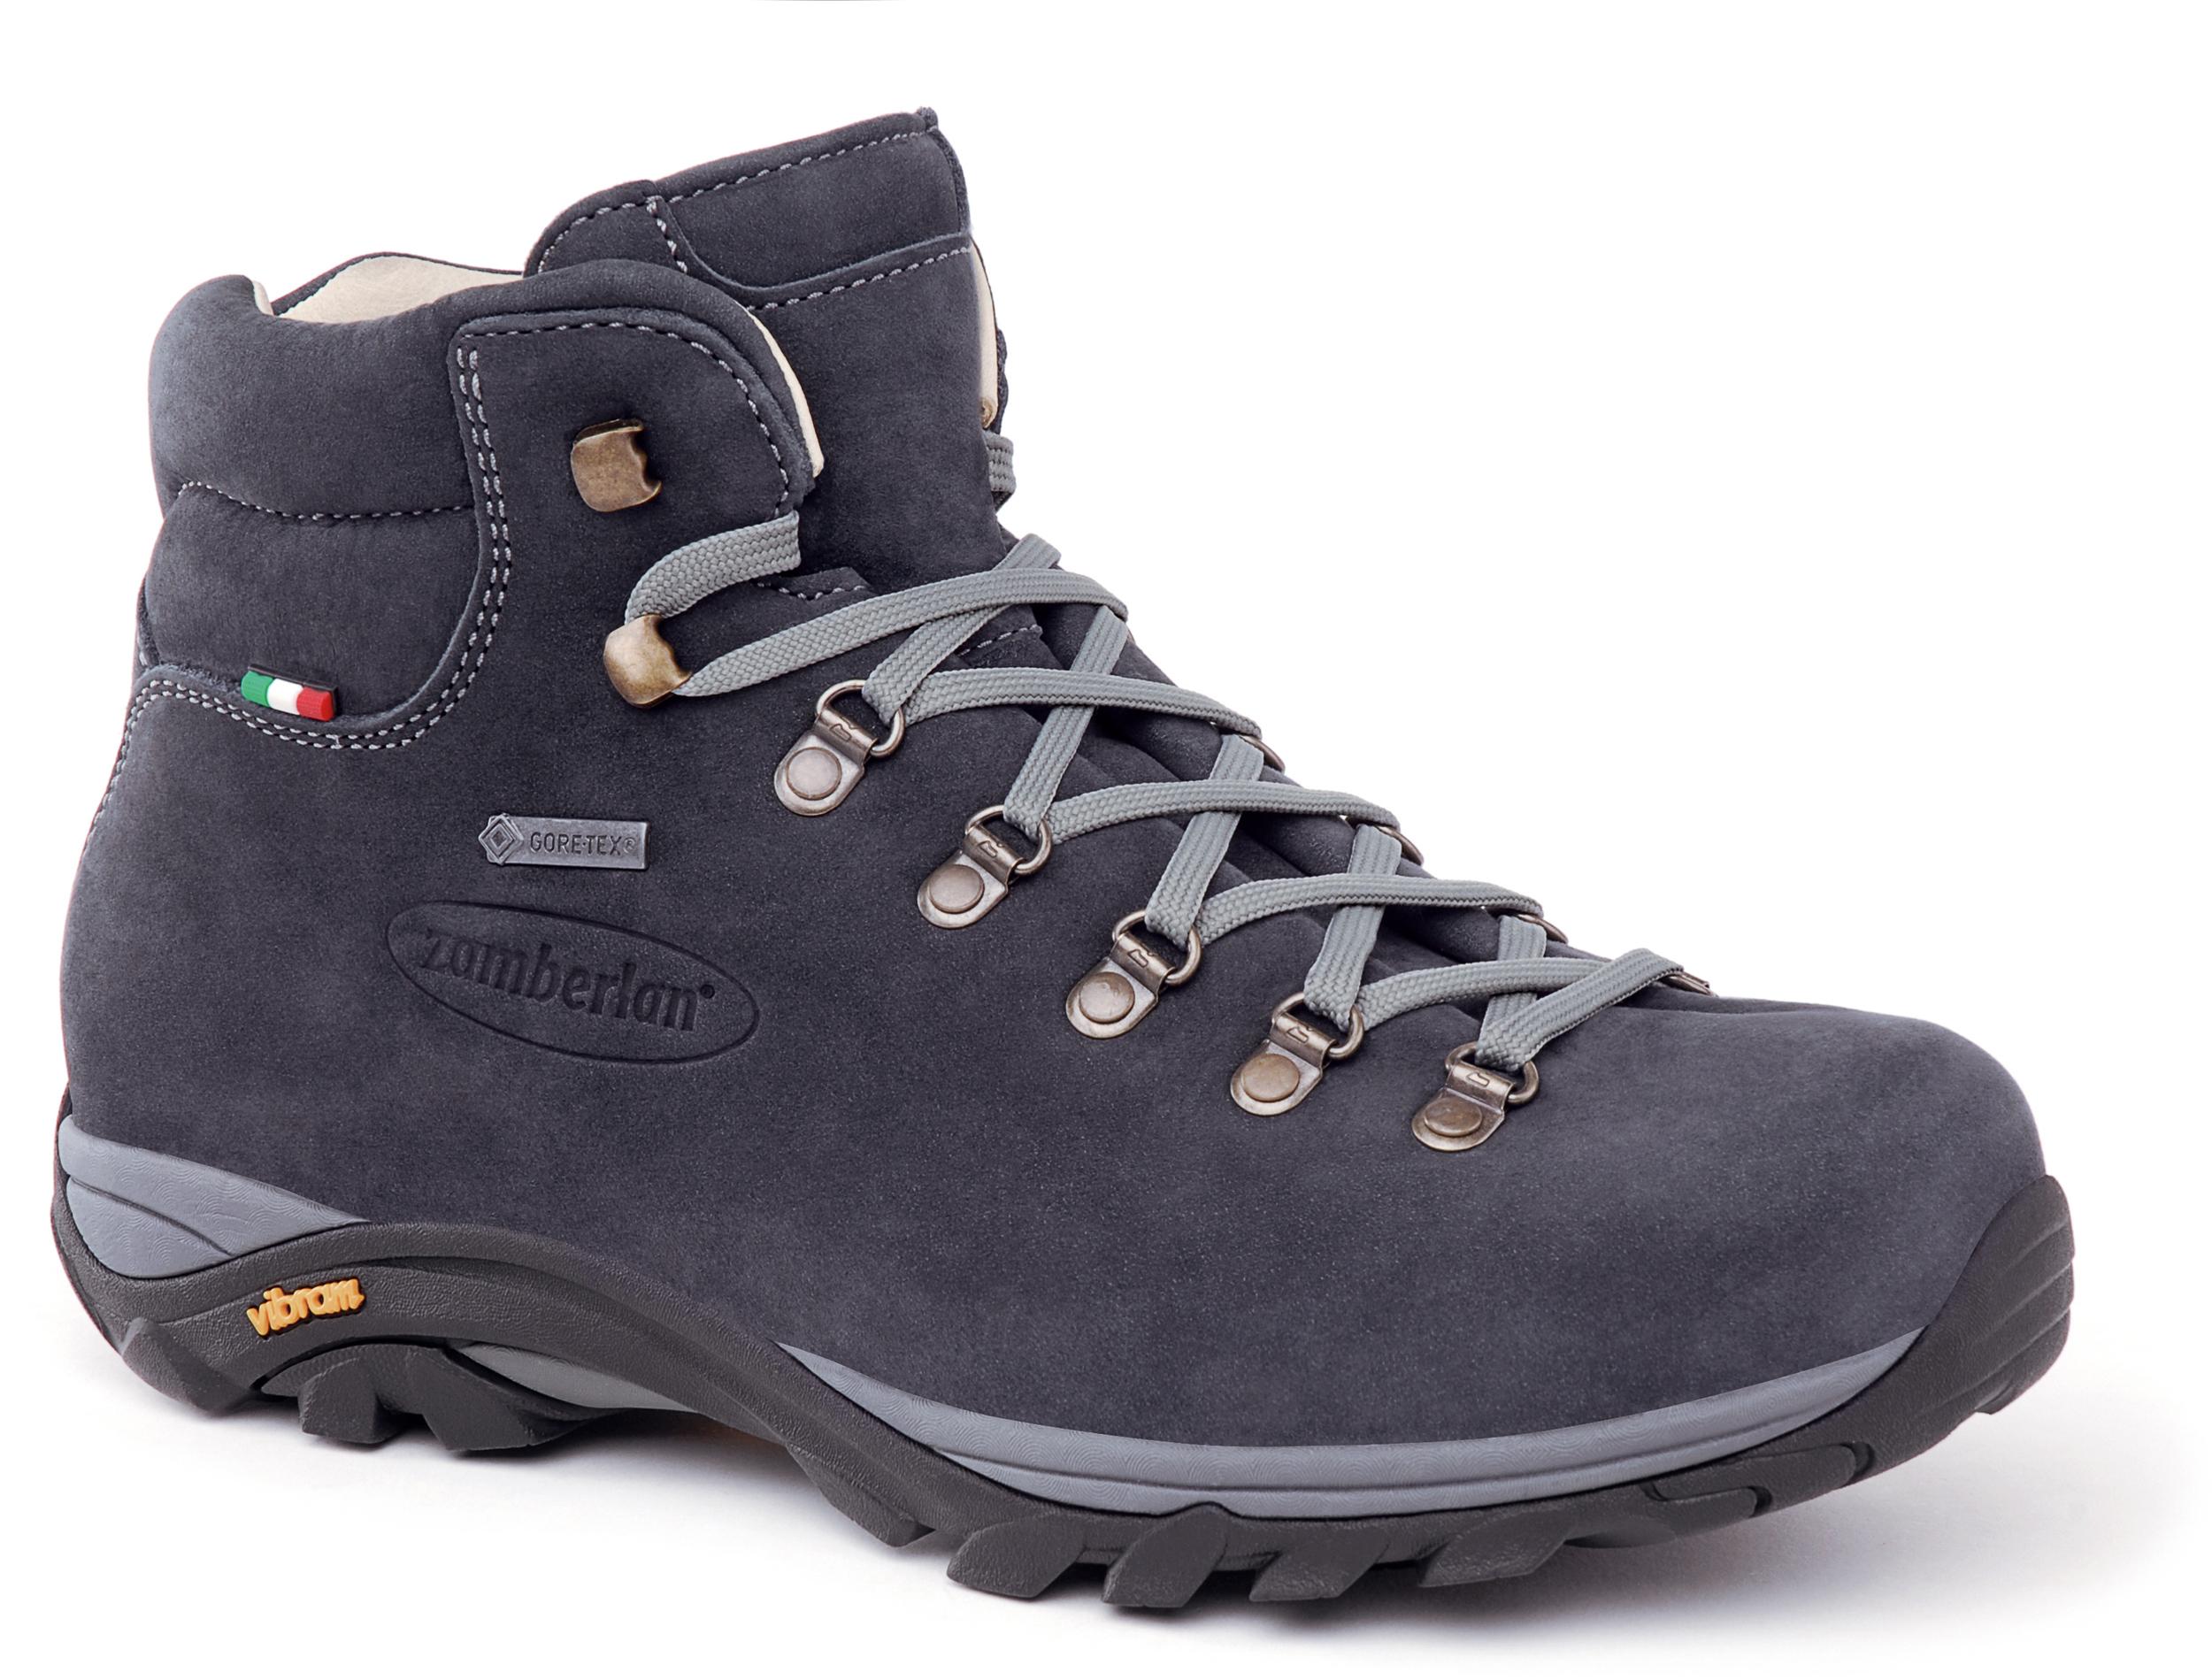 cb6342eacbc2f Women's Footwear | MEC